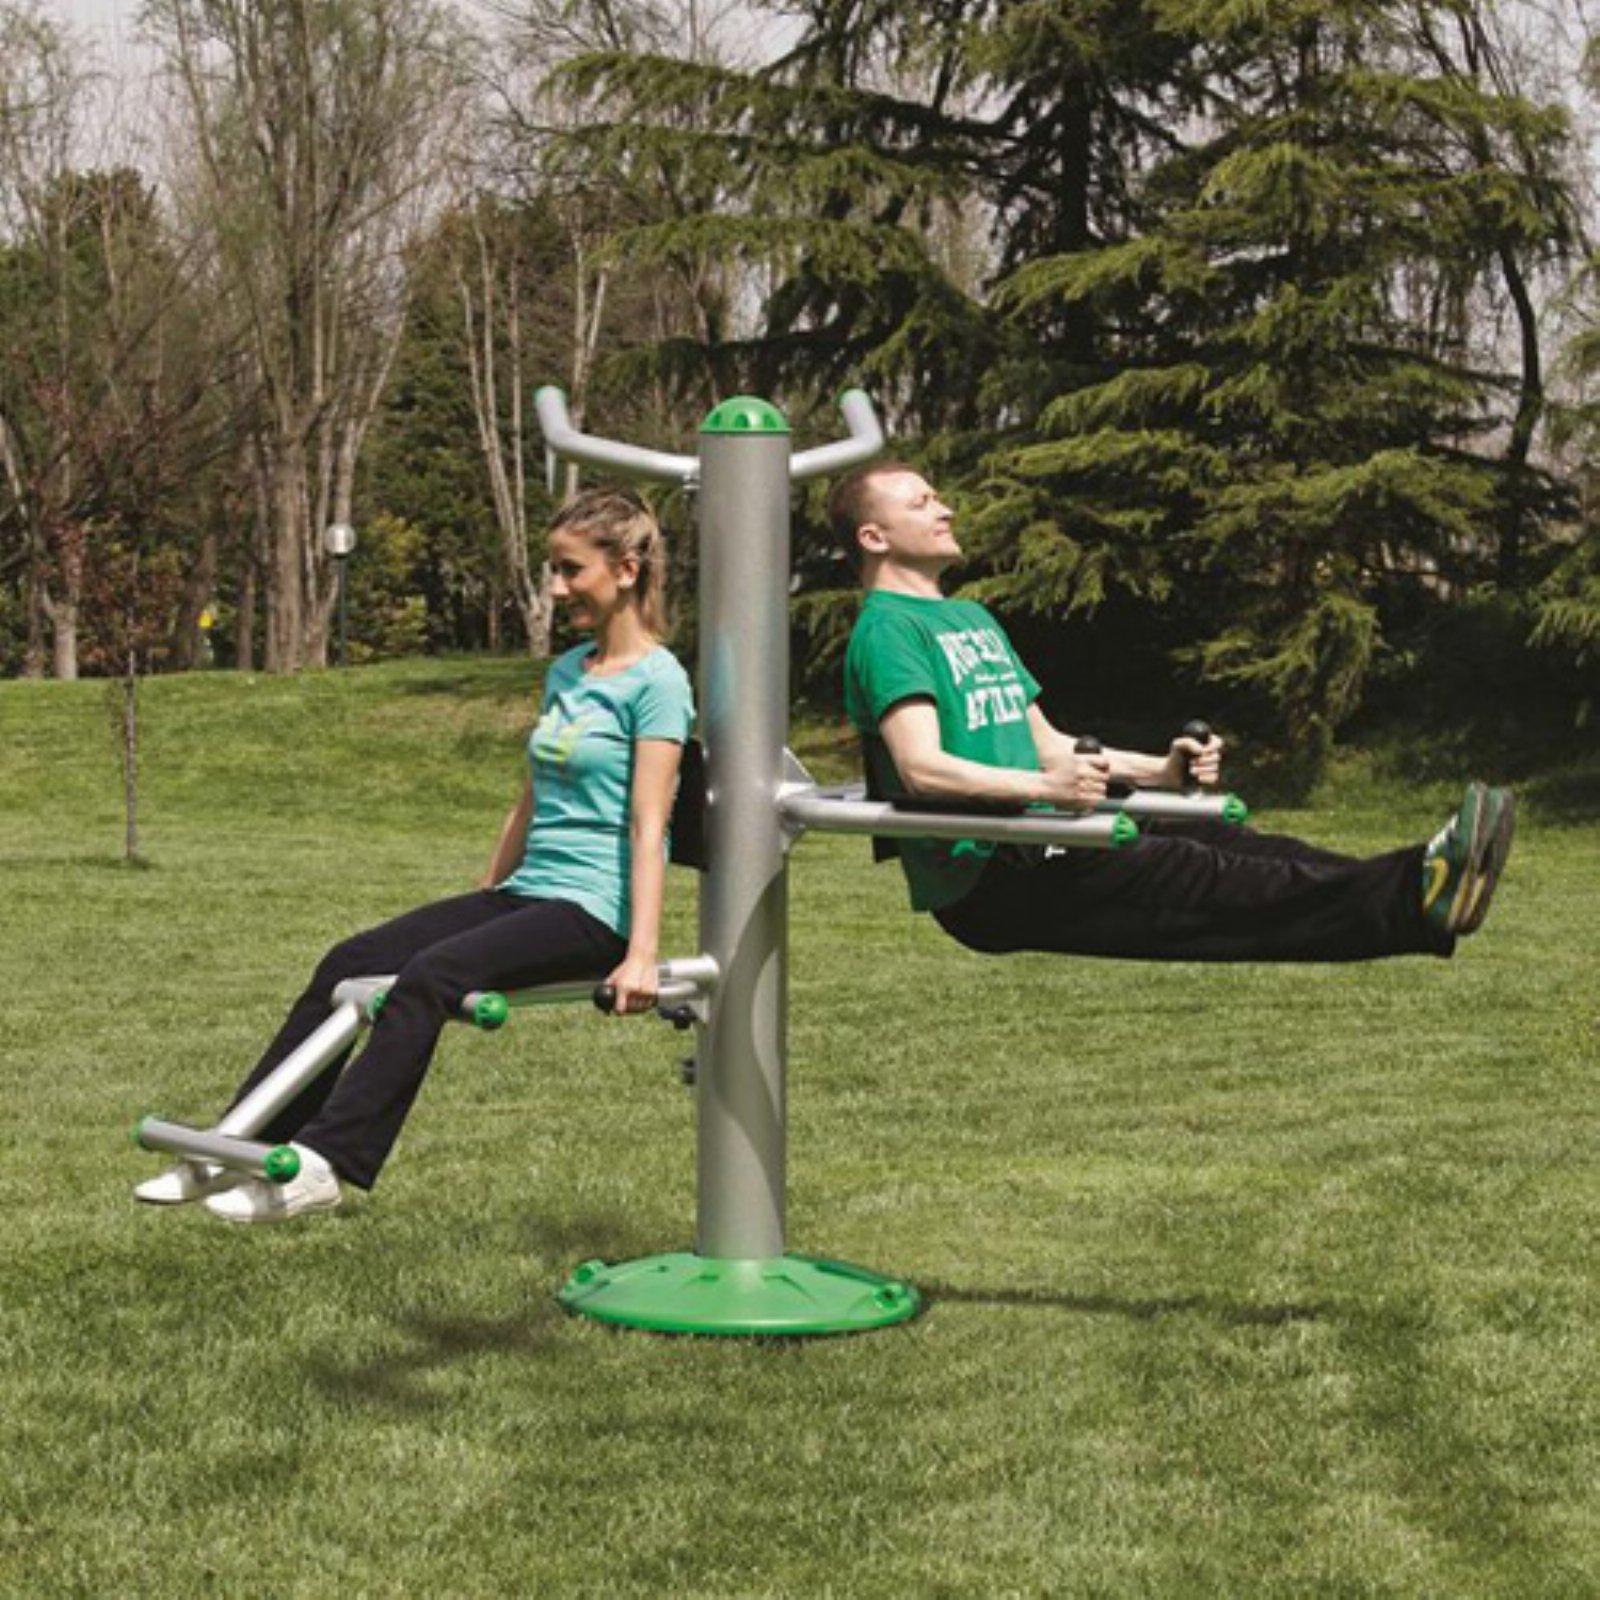 Sportsplay Heavy Duty Tri Fitness Station